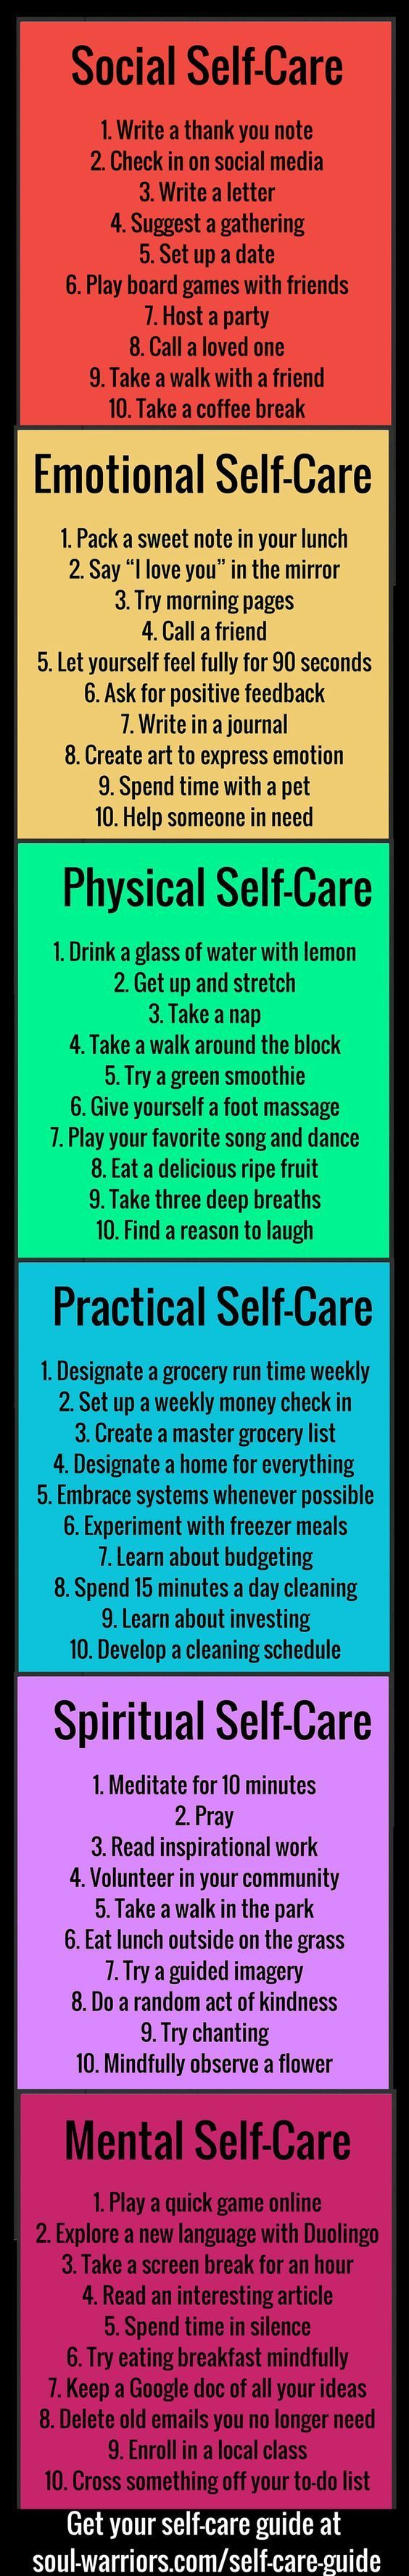 https://i.pinimg.com/736x/e3/02/48/e30248d8c2434976bf4319301e9c0402--mental-health-free-printable.jpg